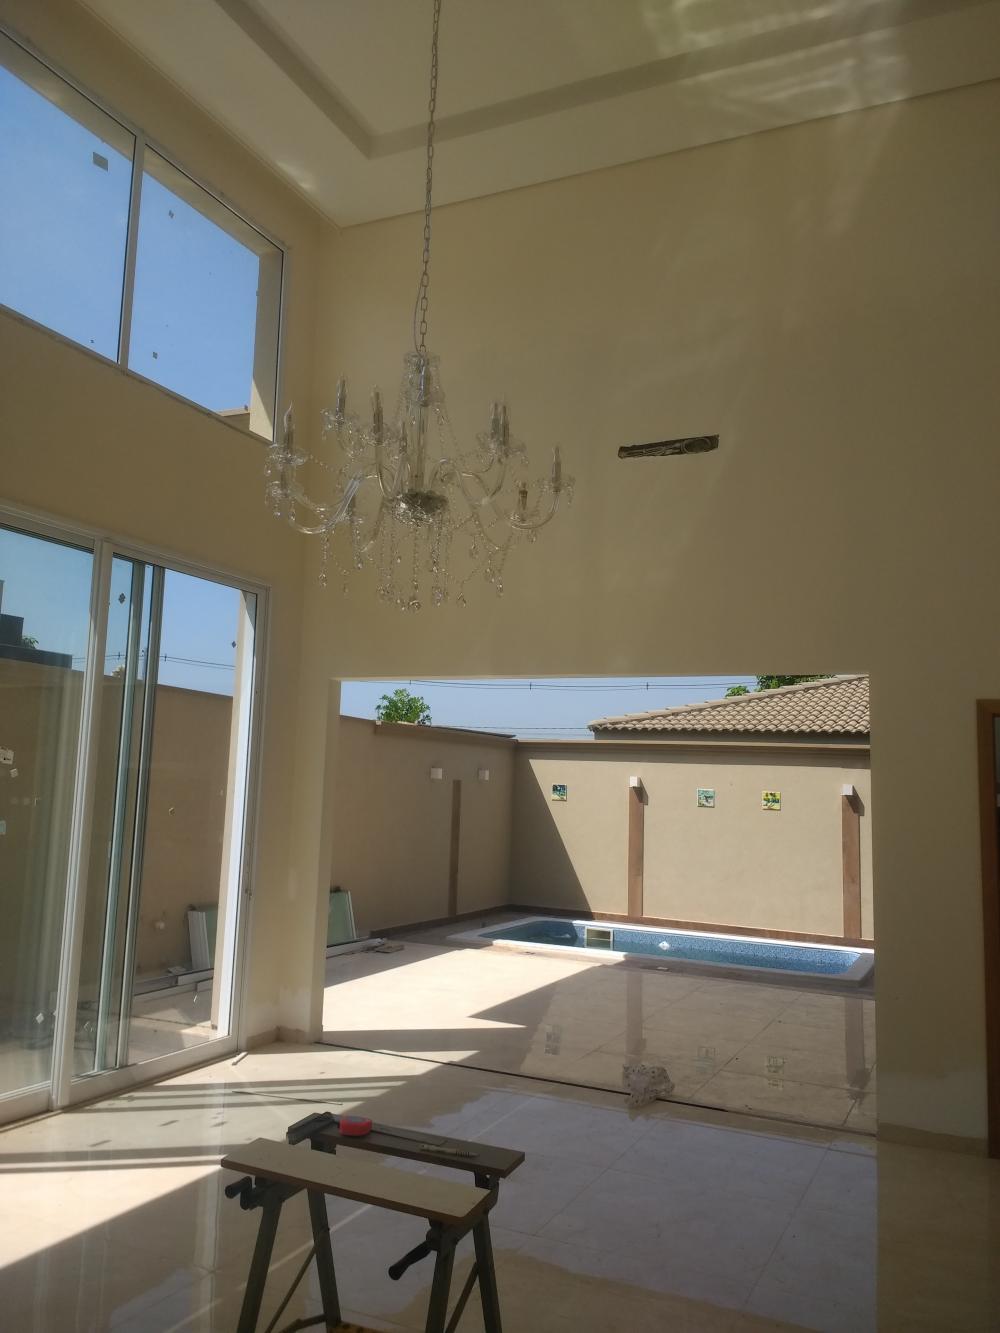 Comprar Casa / Condomínio em São José do Rio Preto R$ 1.150.000,00 - Foto 2